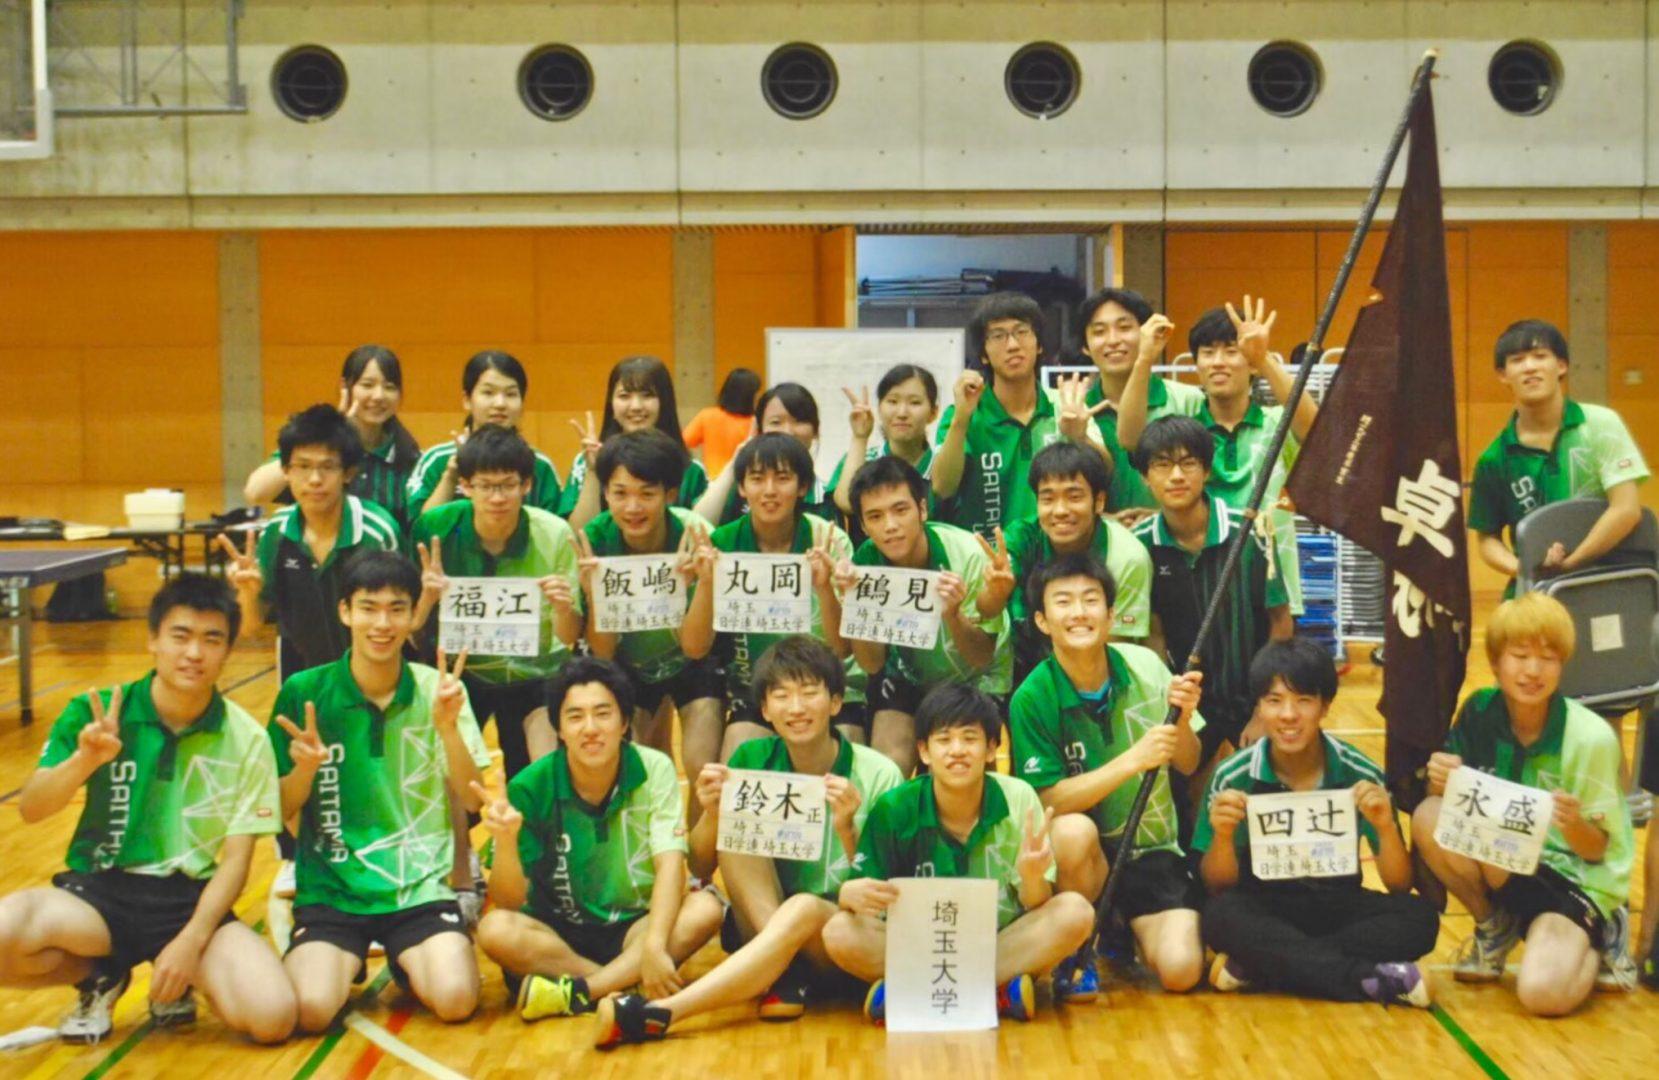 関東国公立最強の埼玉大学卓球部 強さを支える練習量と積極発信